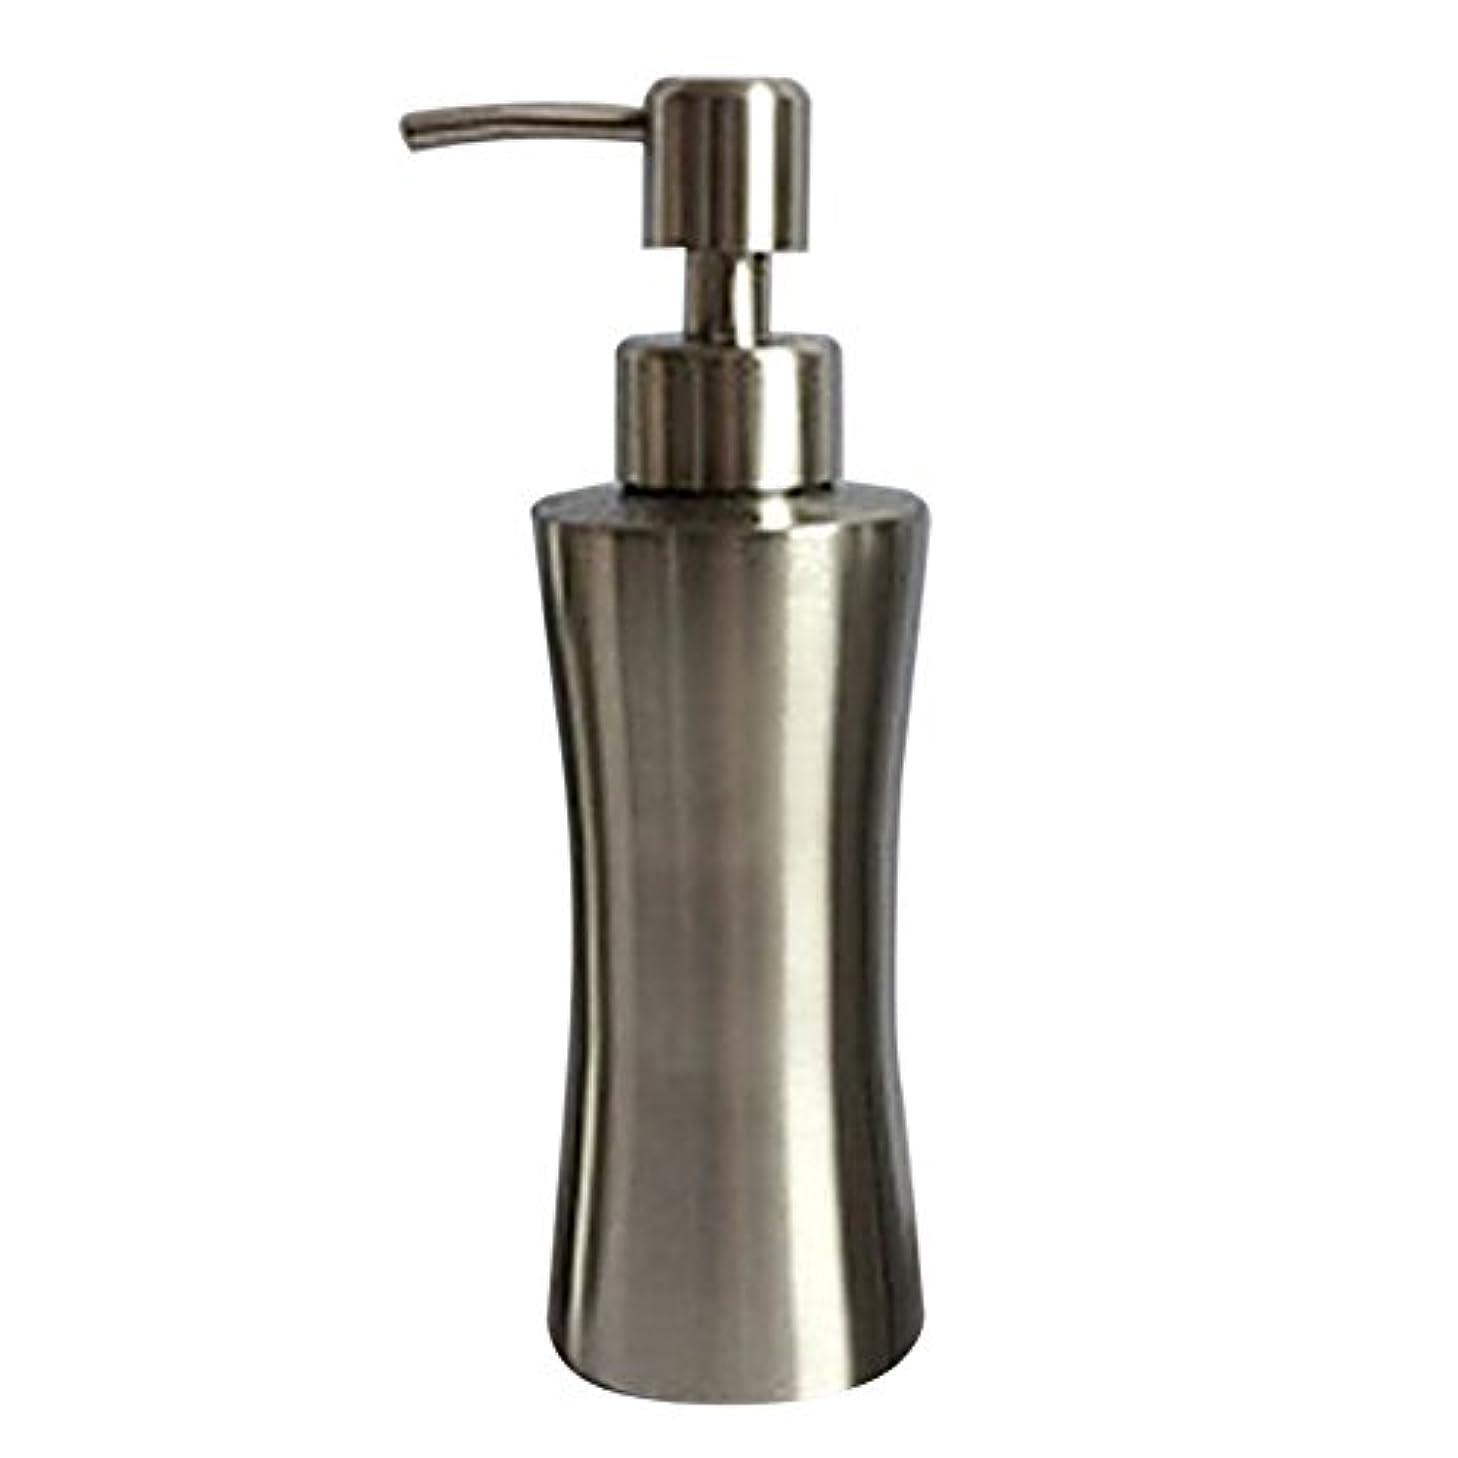 怖がって死ぬ持続する柔らかさディスペンサー ステンレス ボトル 容器 ソープ 石鹸 シャンプー 手洗いボトル 耐久性 錆びない 220ml/250ml/400ml (B:250ml)